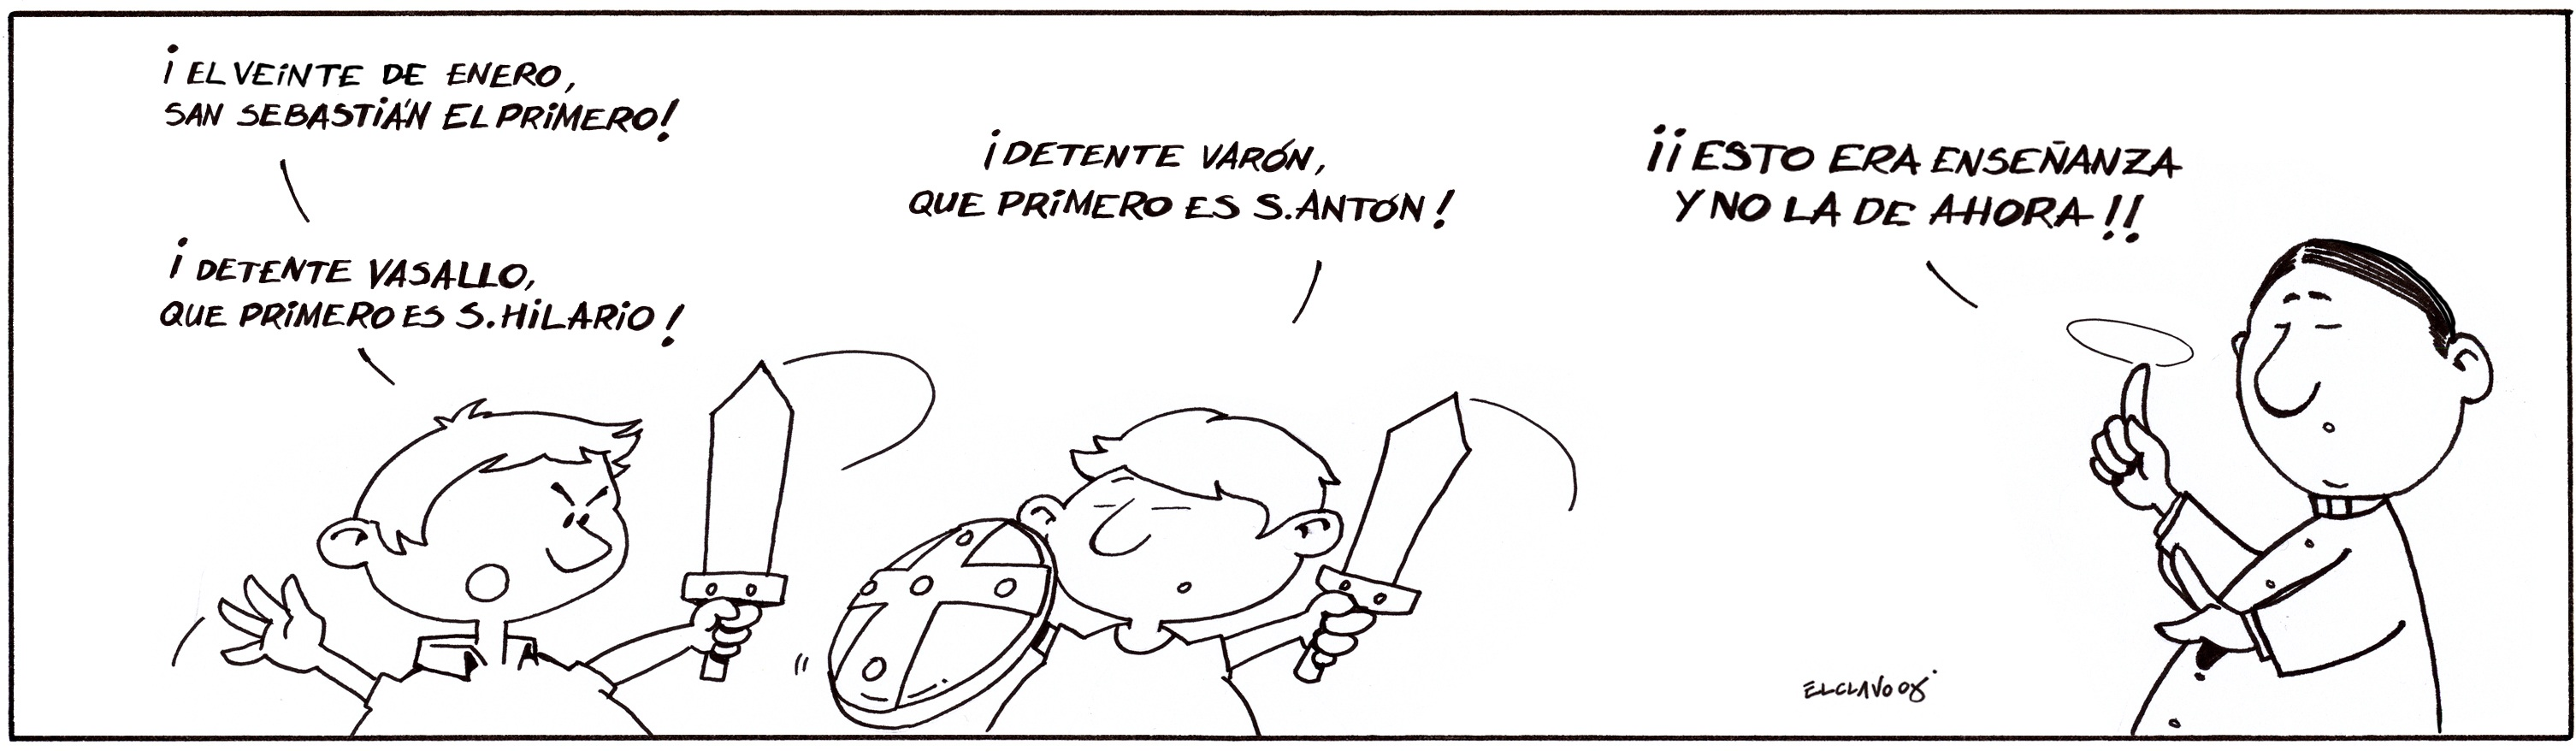 Viñeta de El Clavo ilustrativa del refrán El 20 de enero...